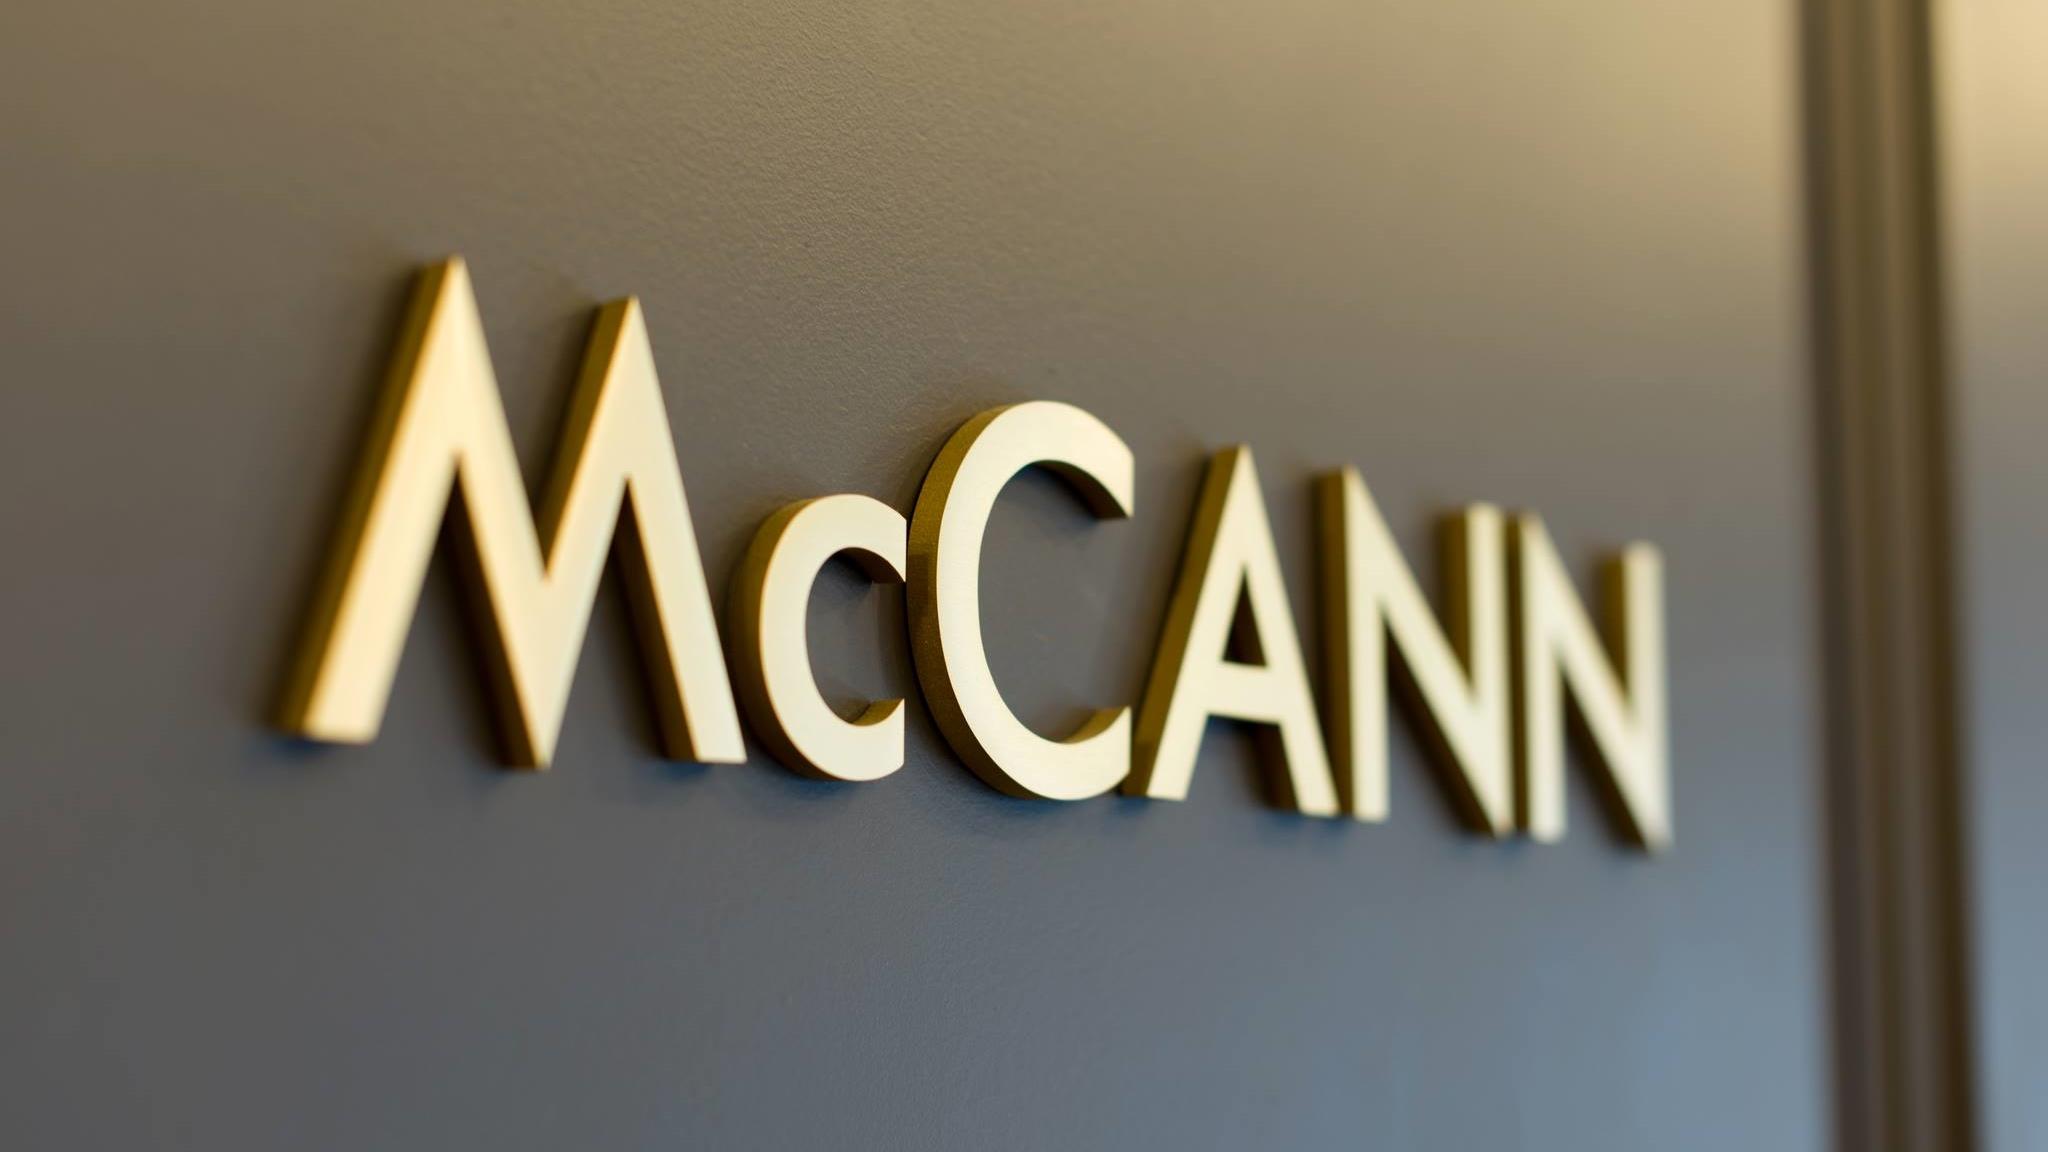 McCann designa nuevo equipo directivo en México